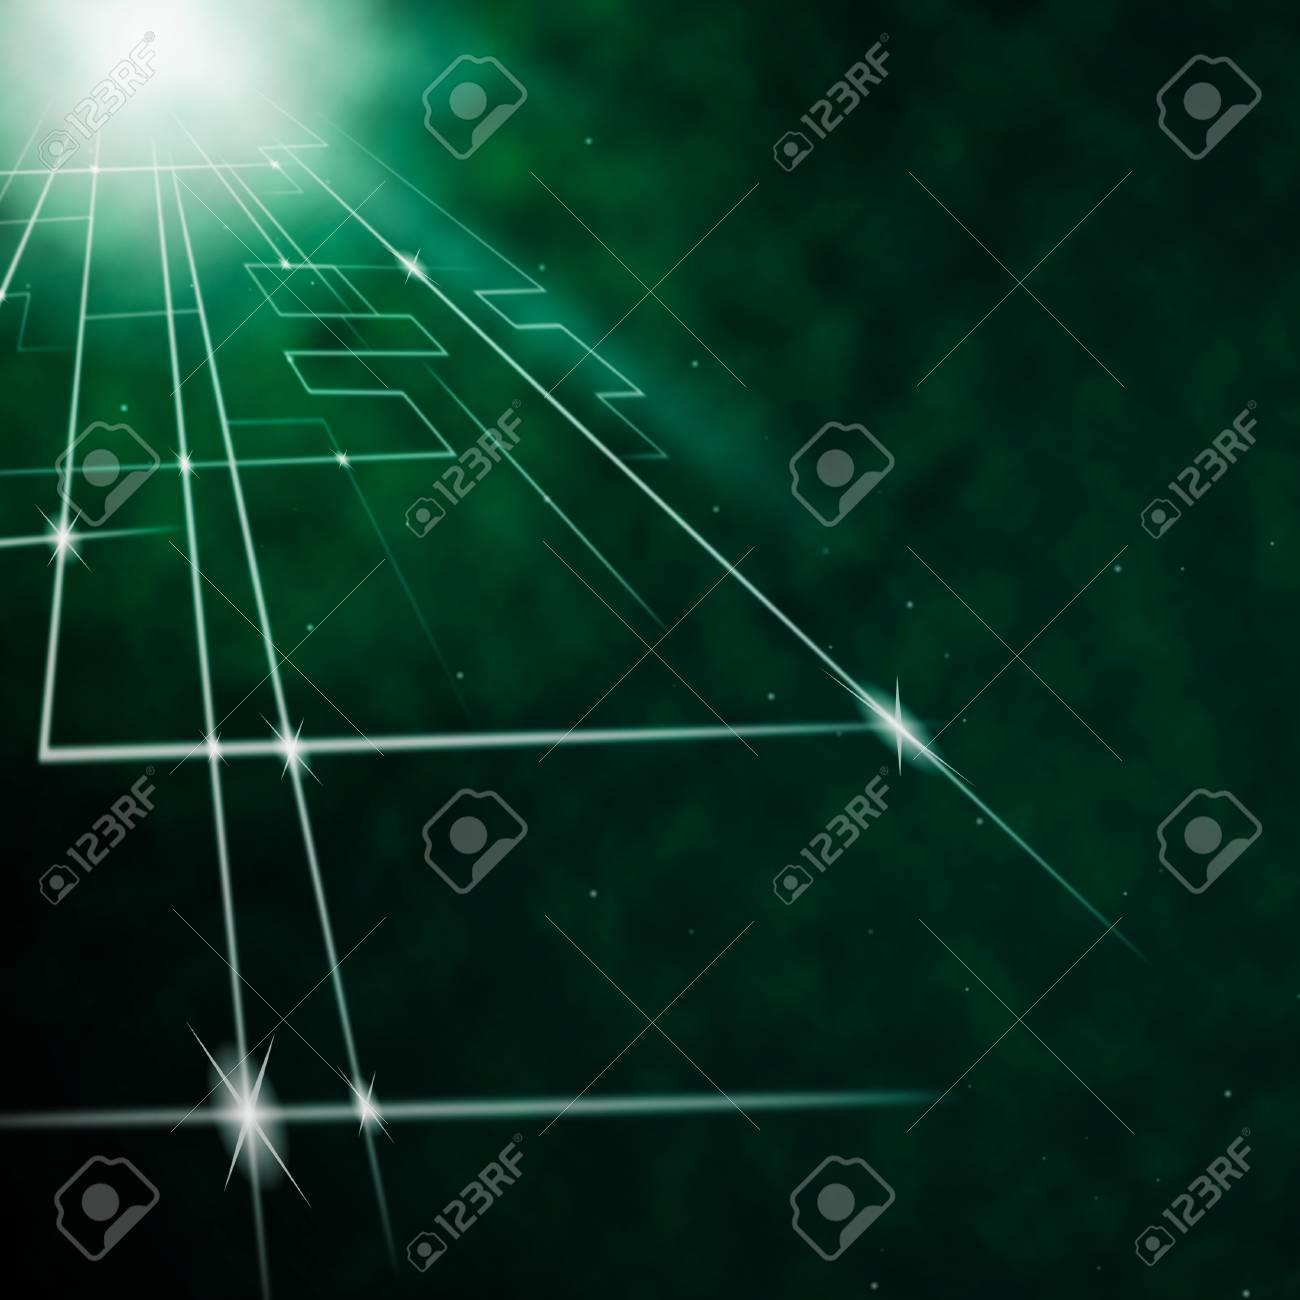 Circuito Significado : Antecedentes circuito laser significado arte de neón o líneas